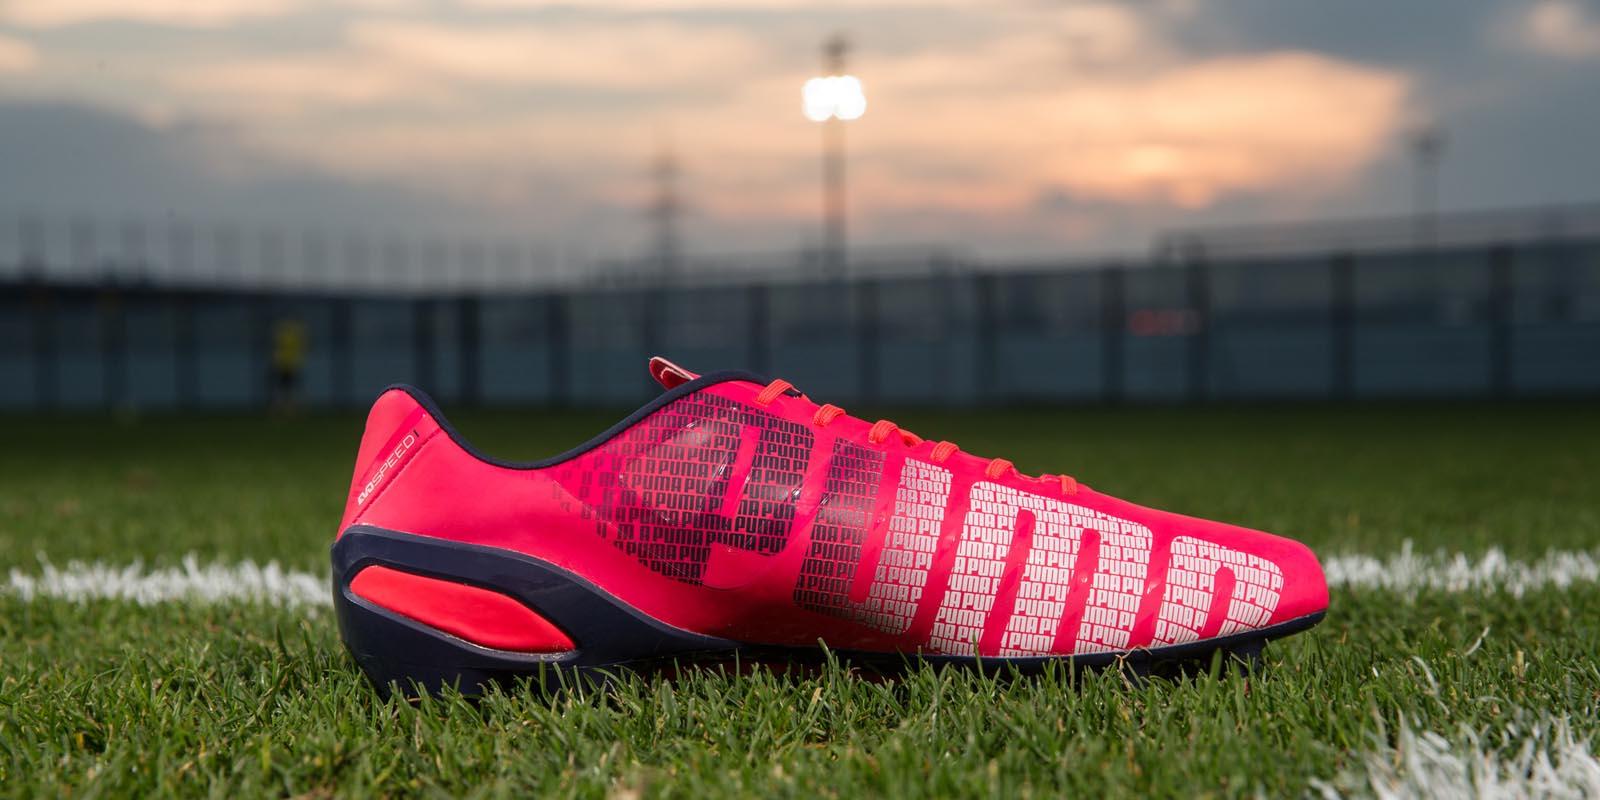 new puma football boots 2015 a2d608b0e93a